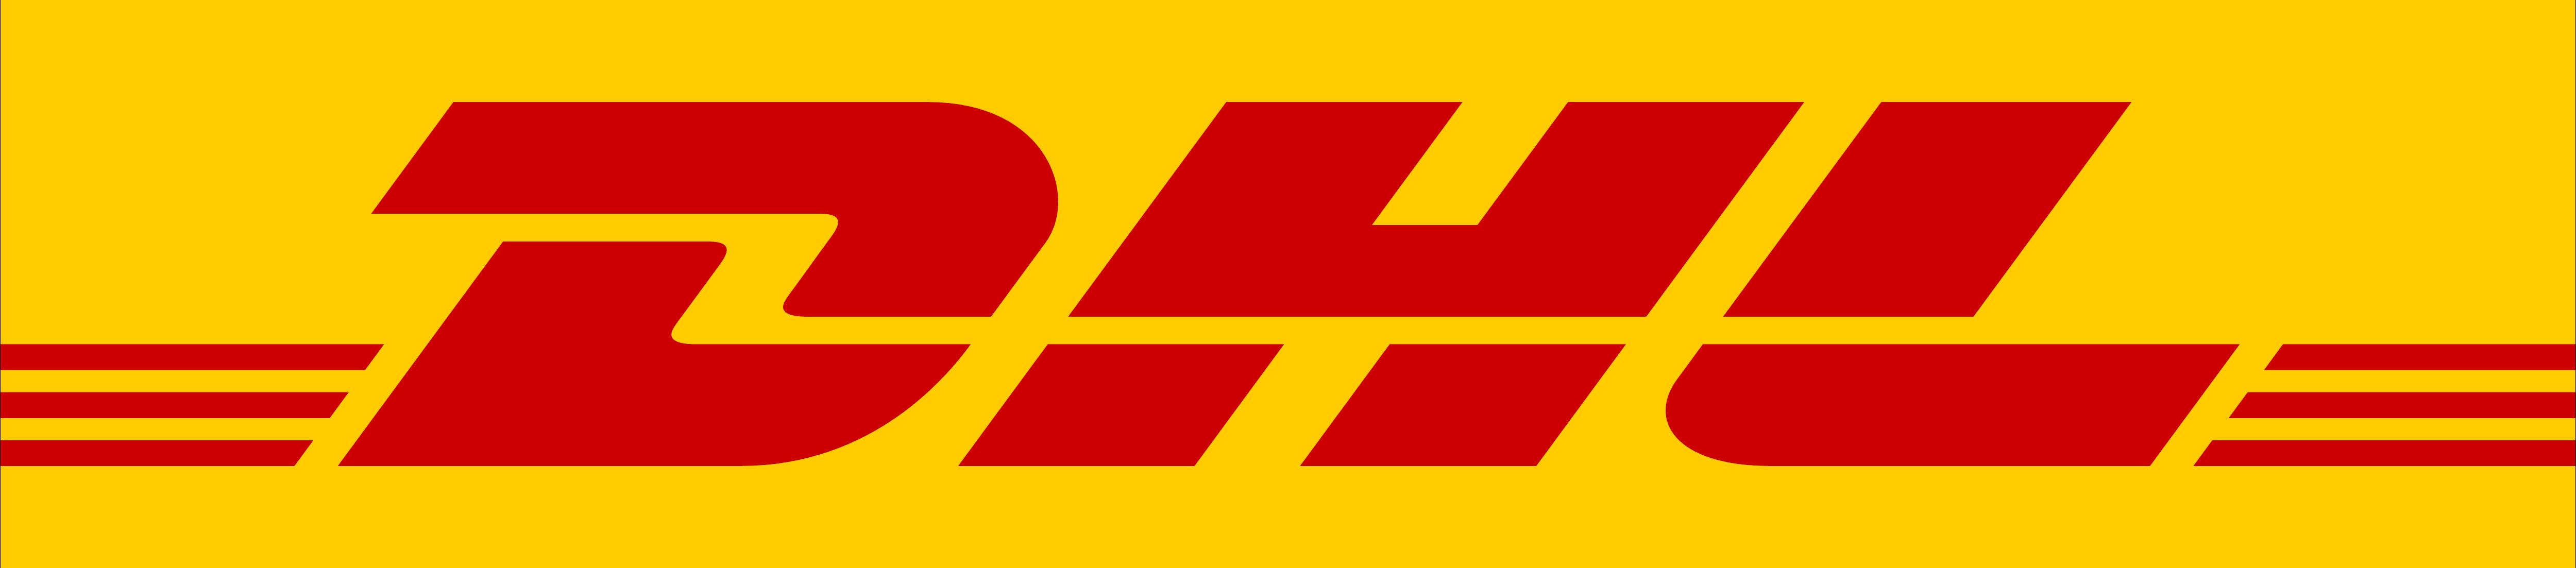 dhl � logos download